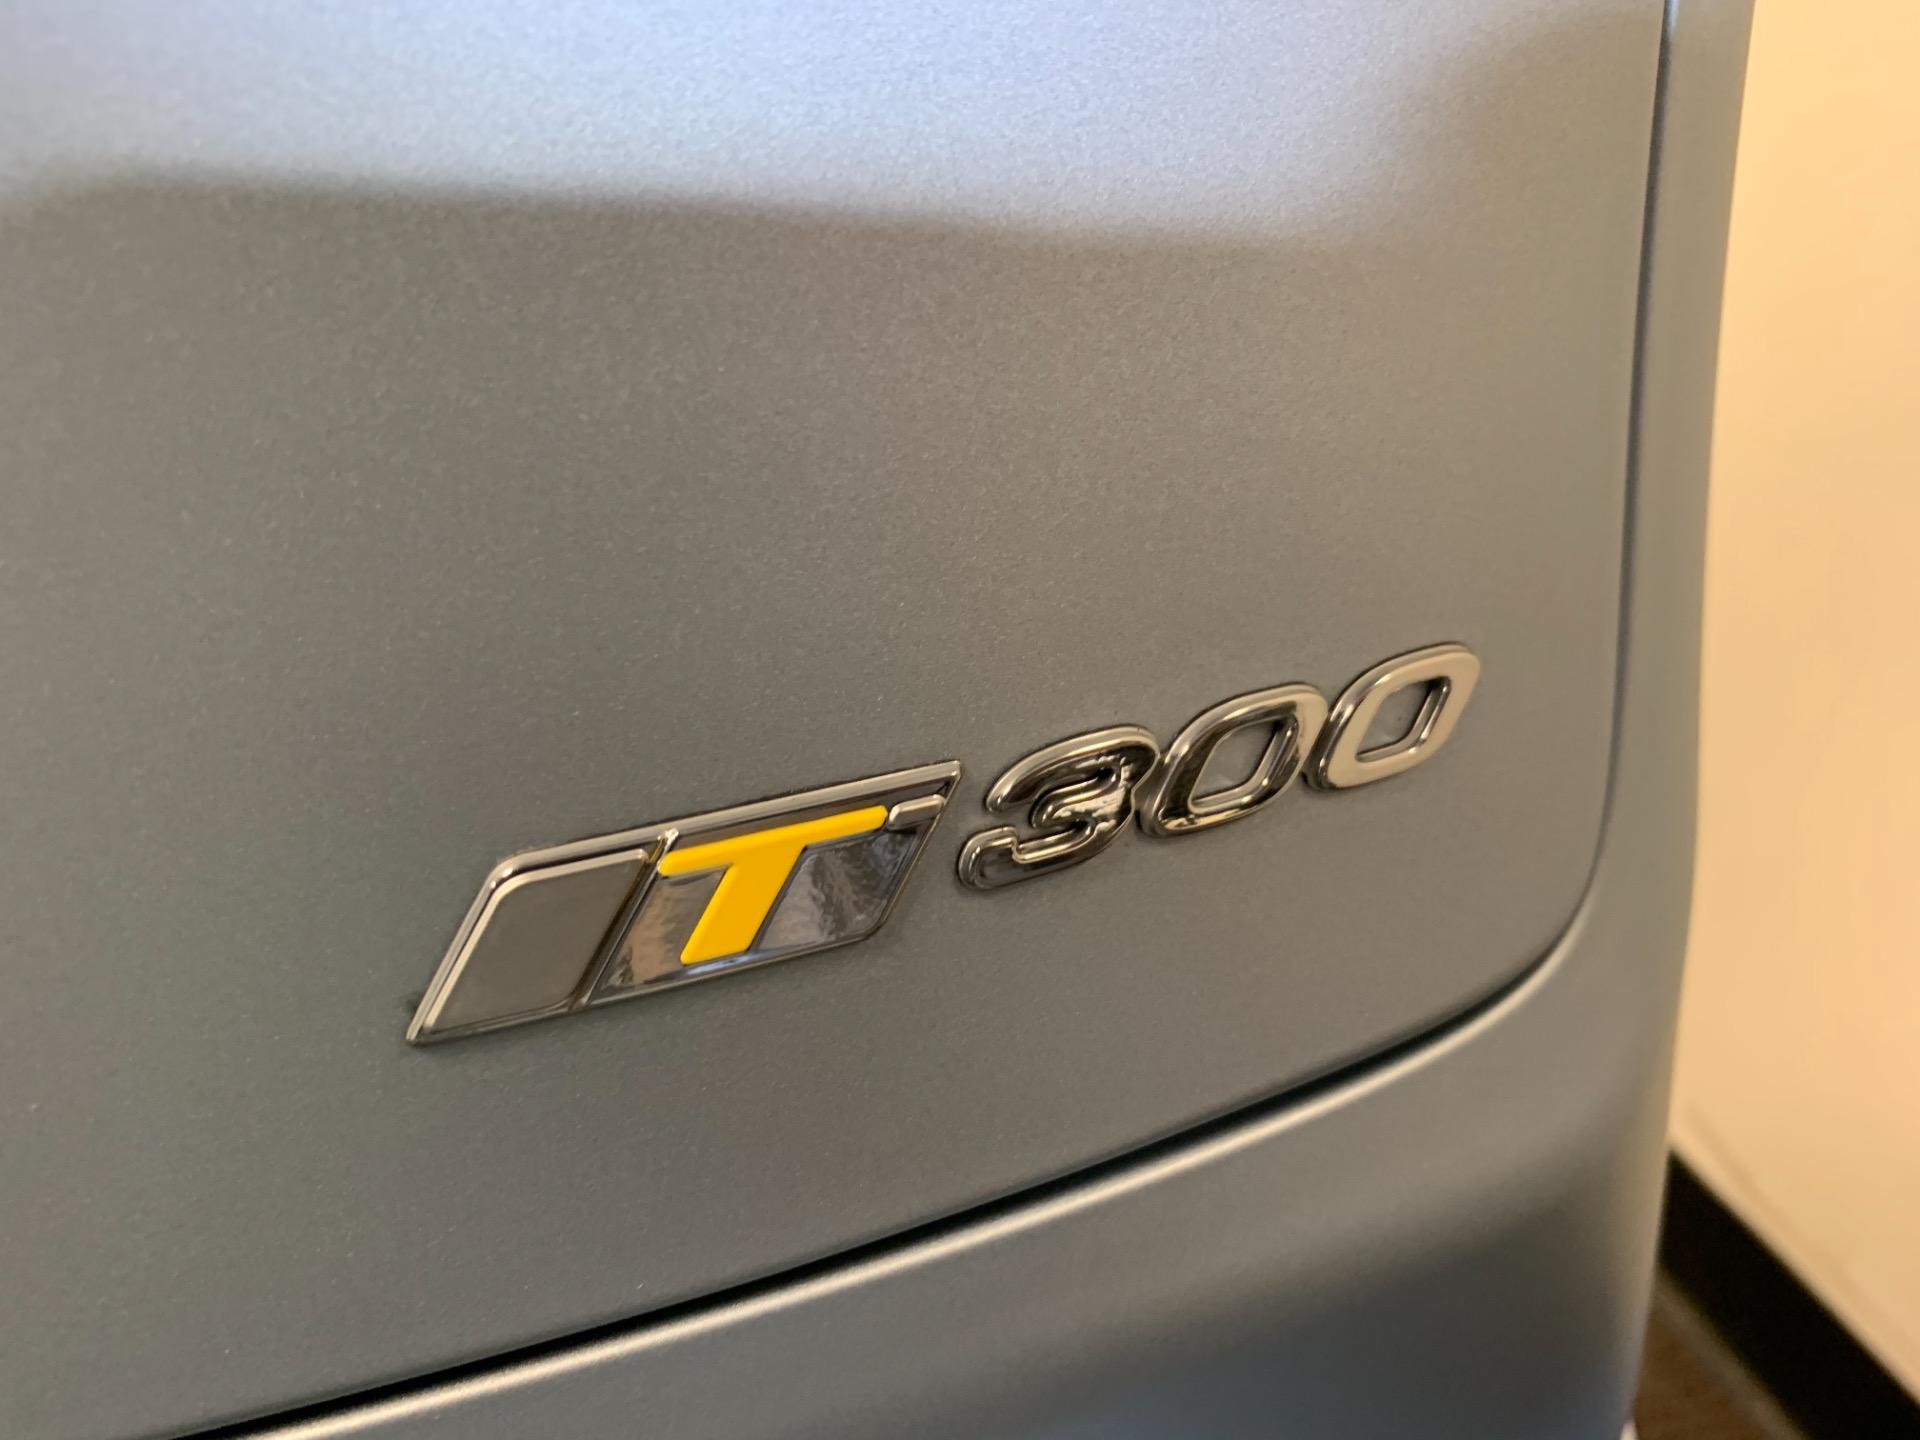 New-2021-Vespa-GTS-Supertech--300-HPE